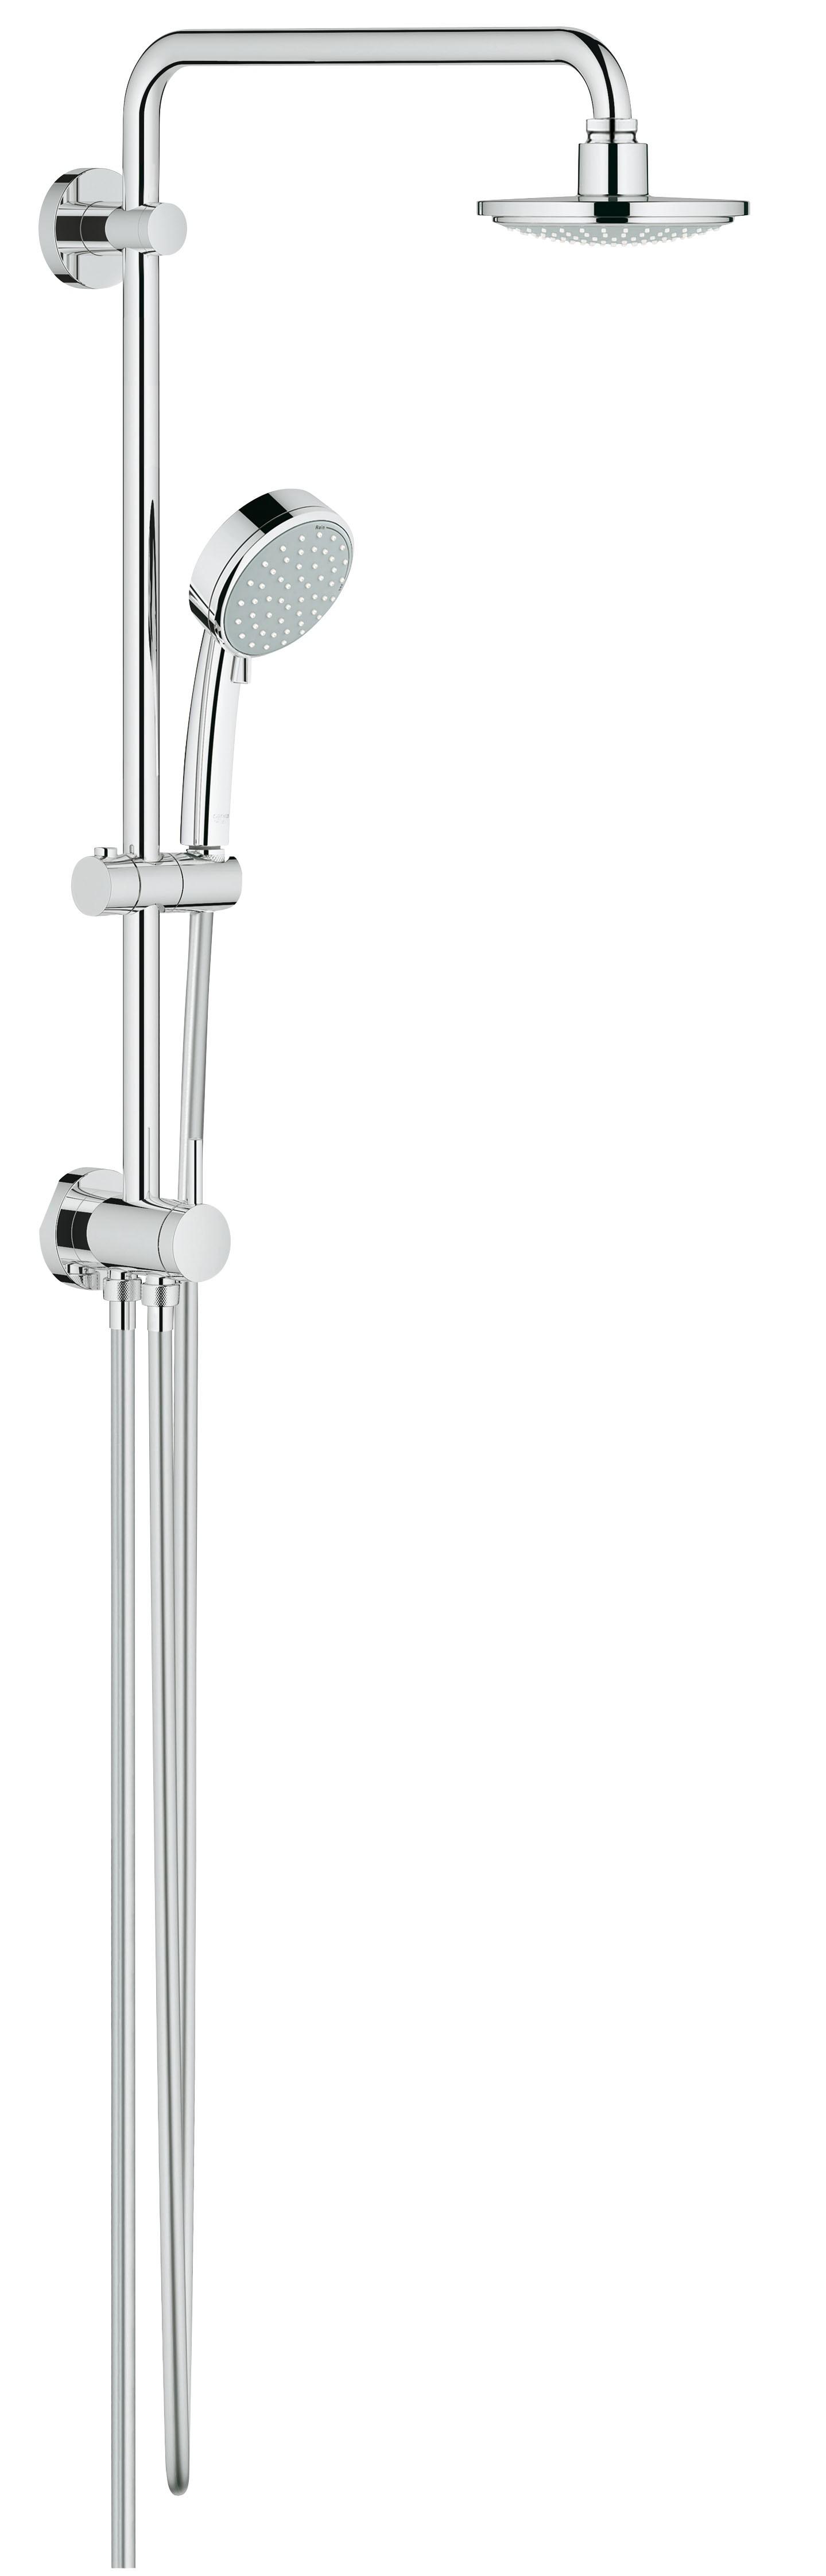 Душевая система Grohe 26225000 Tempesta Cosmopolitan 160 с верхним и ручным душем (без смесителя), хром